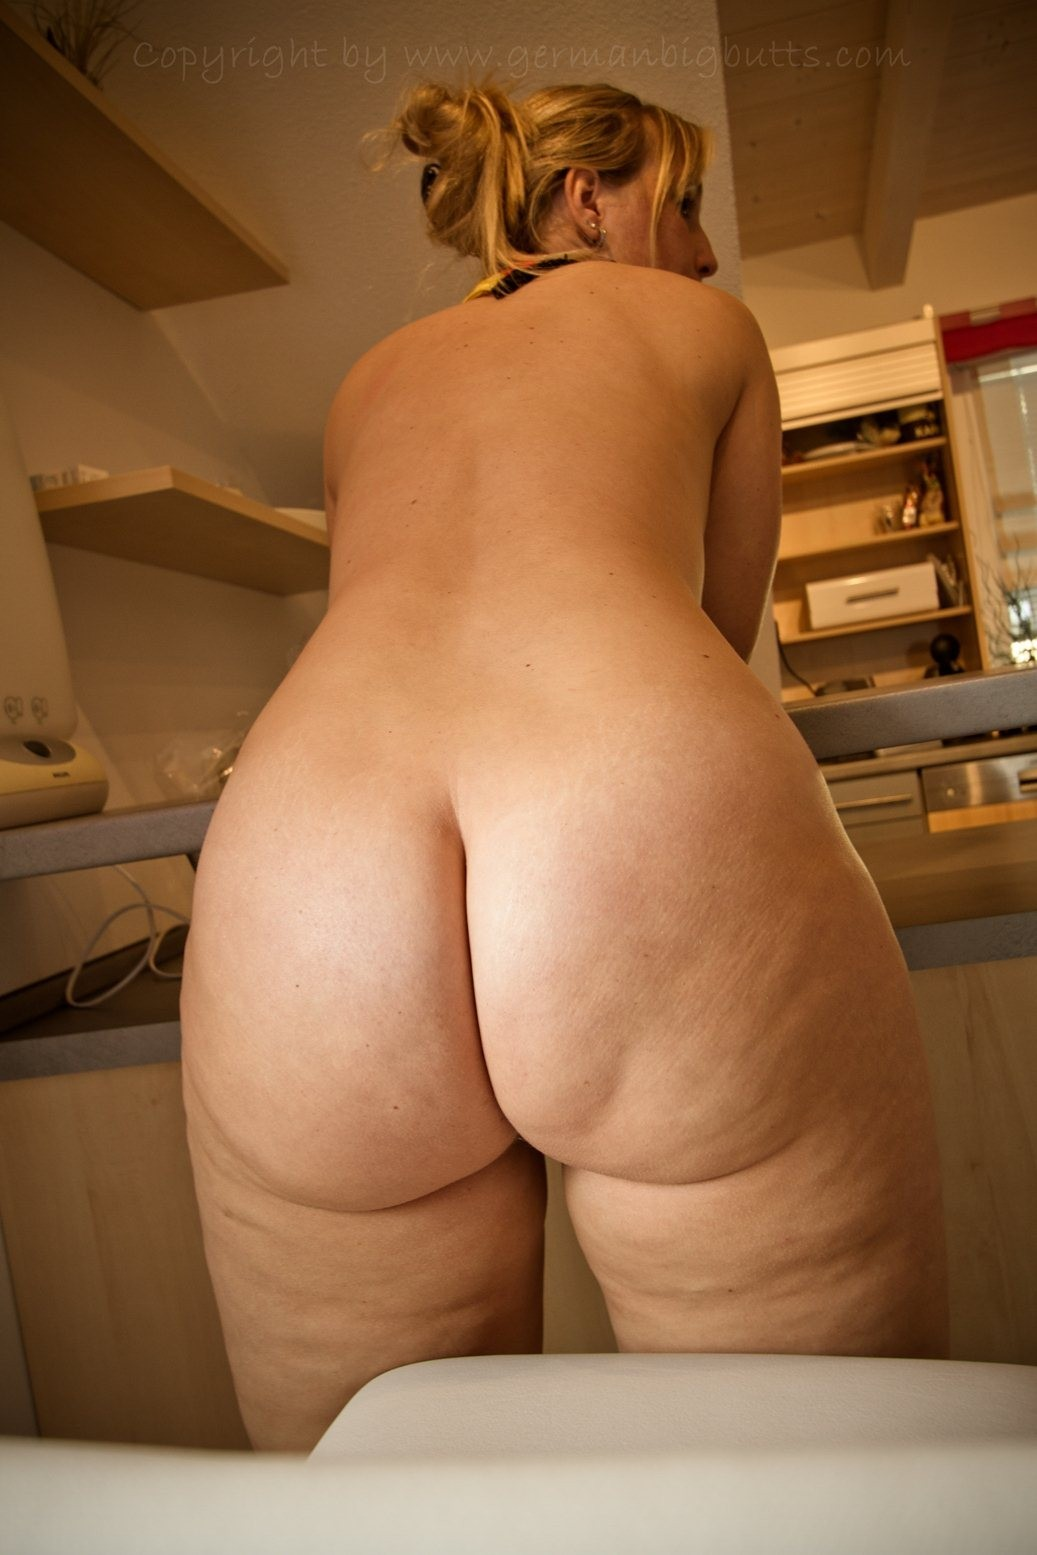 anal casting woodman free porn videos fuckup xxx #amateur #applebottom #ass #beach #bum #butt #milf #wife